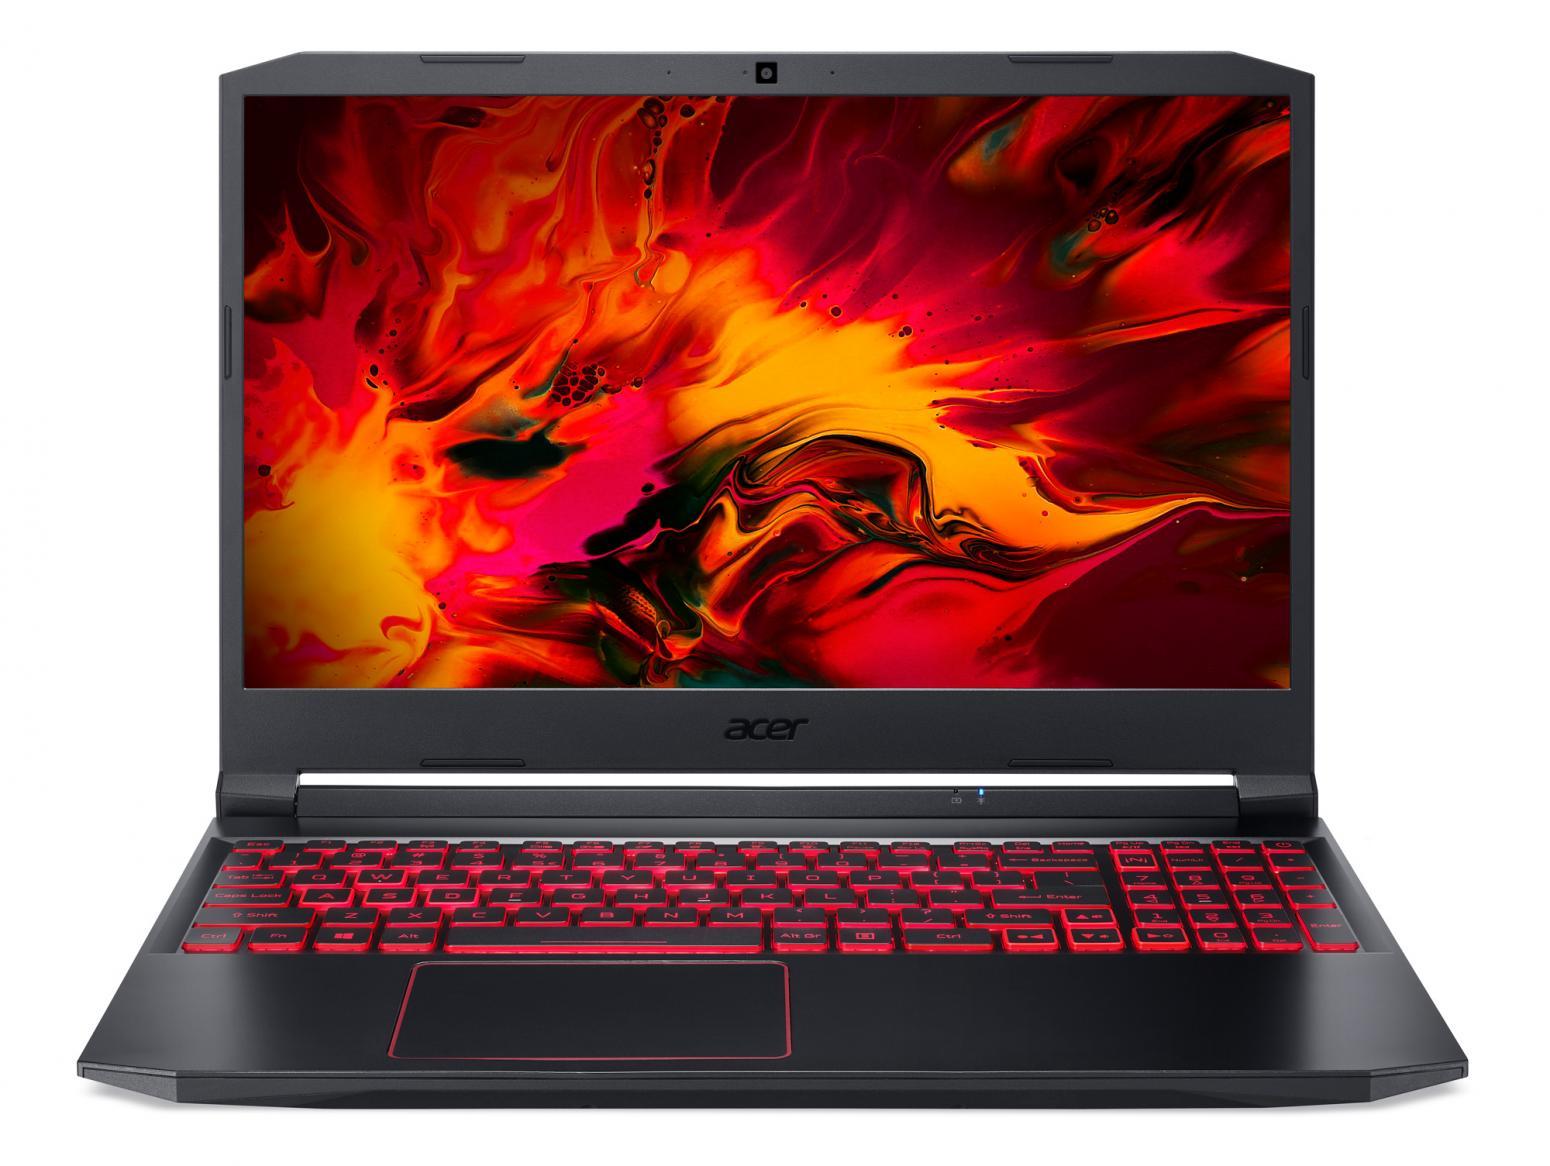 Ordinateur portable Acer Nitro 5 AN515-55-5041 - RTX 3060, 144Hz - photo 2